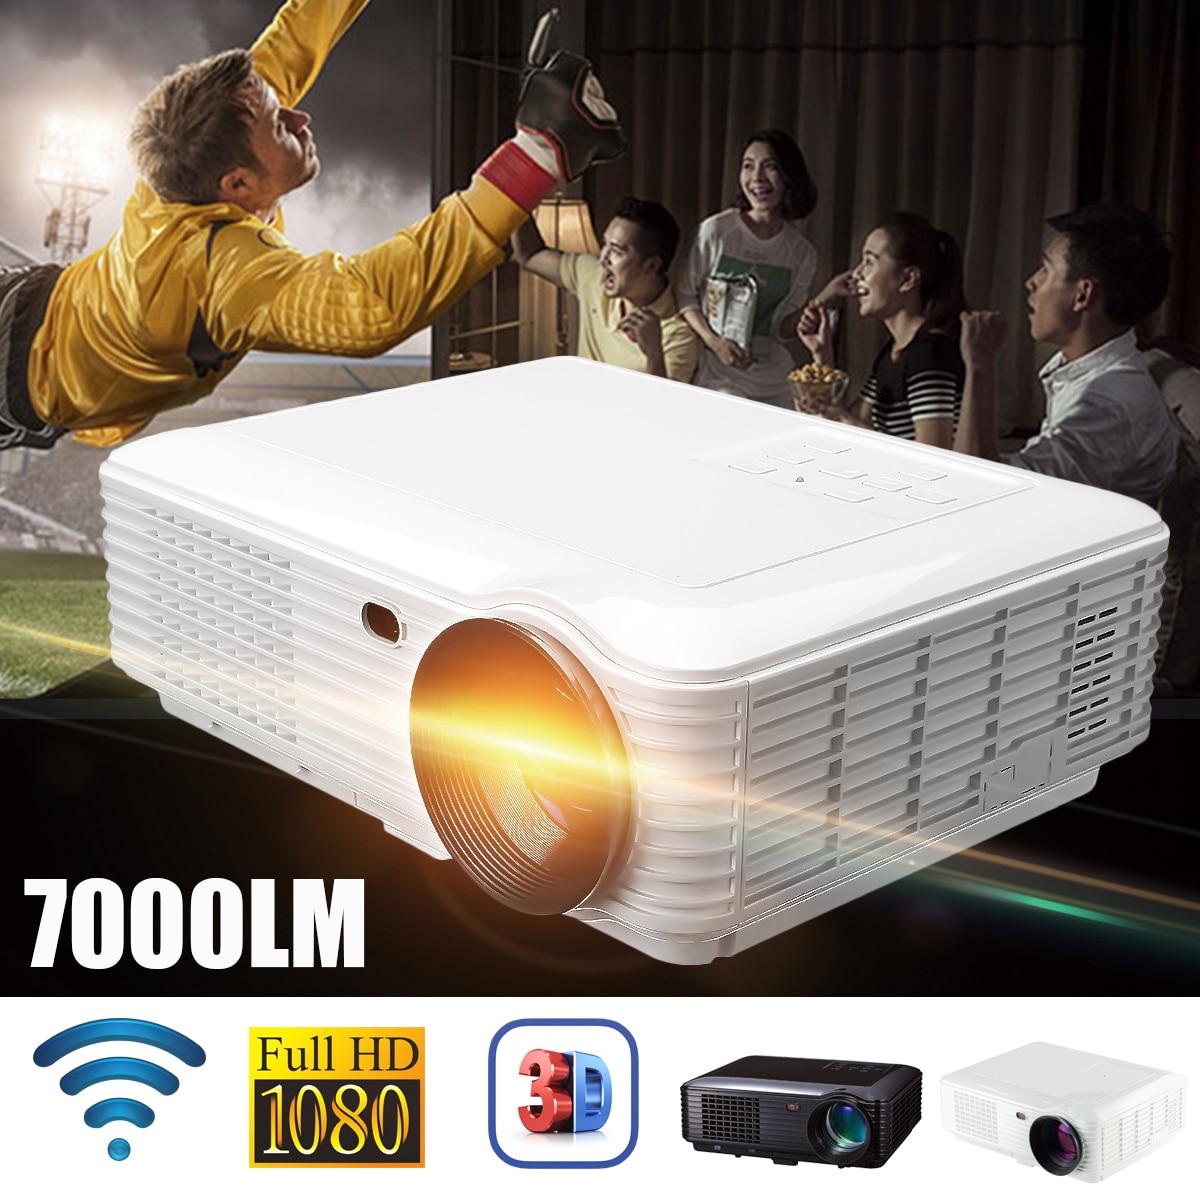 SV 228 Wi Fi версия проектор 7000 люмен 1080 P Портативный светодио дный проектор Цифровой проектор с AV кабель VGA